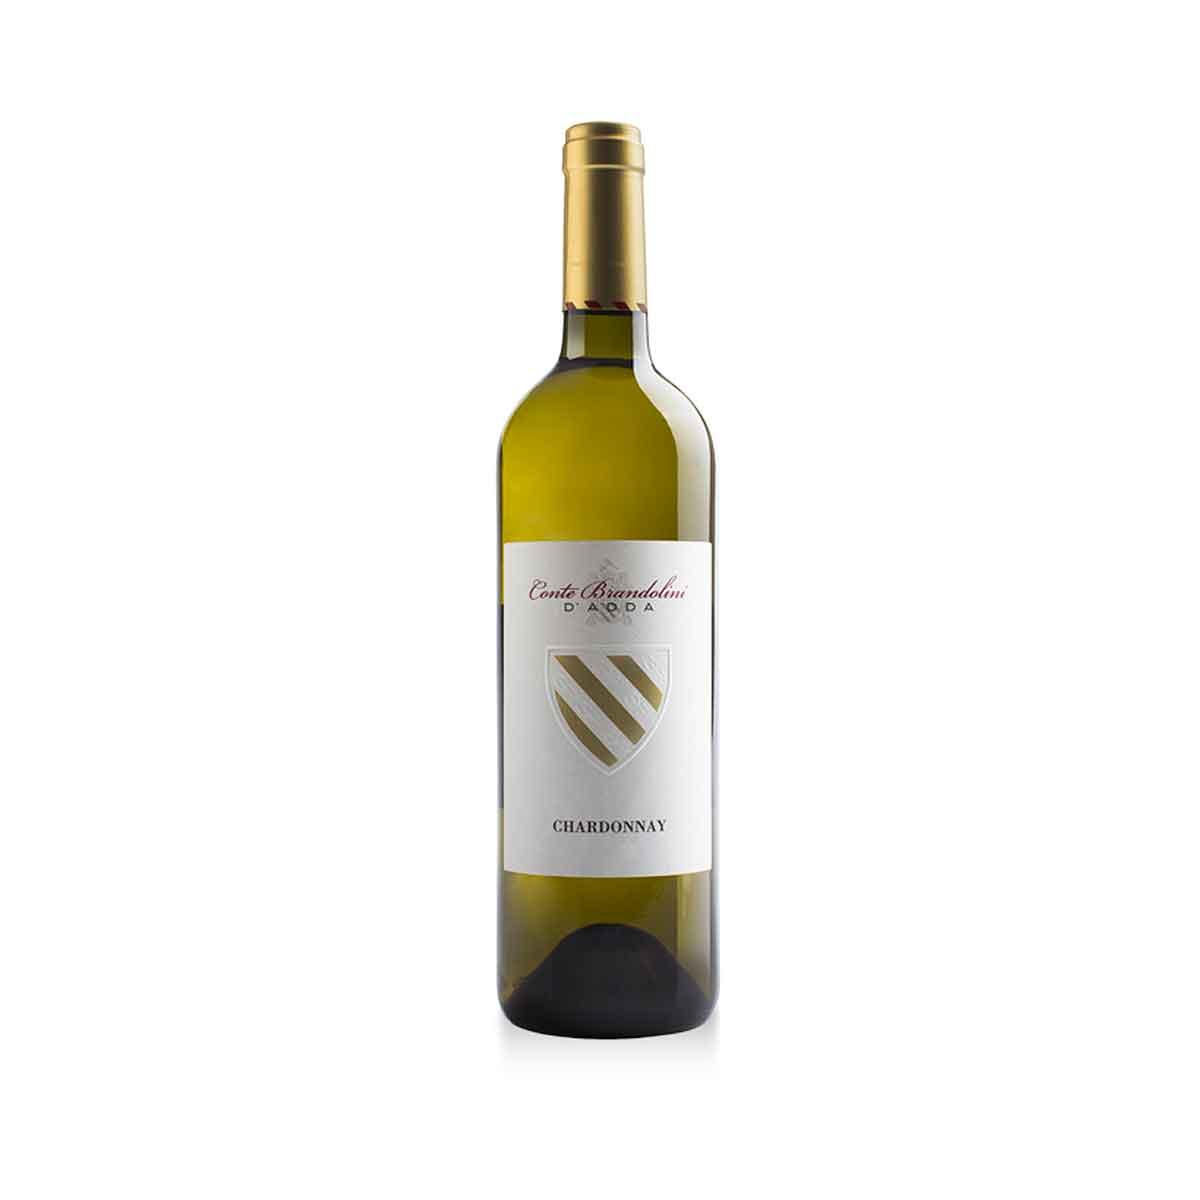 Friuli Grave Chardonnay Conte Brandolini d'Adda